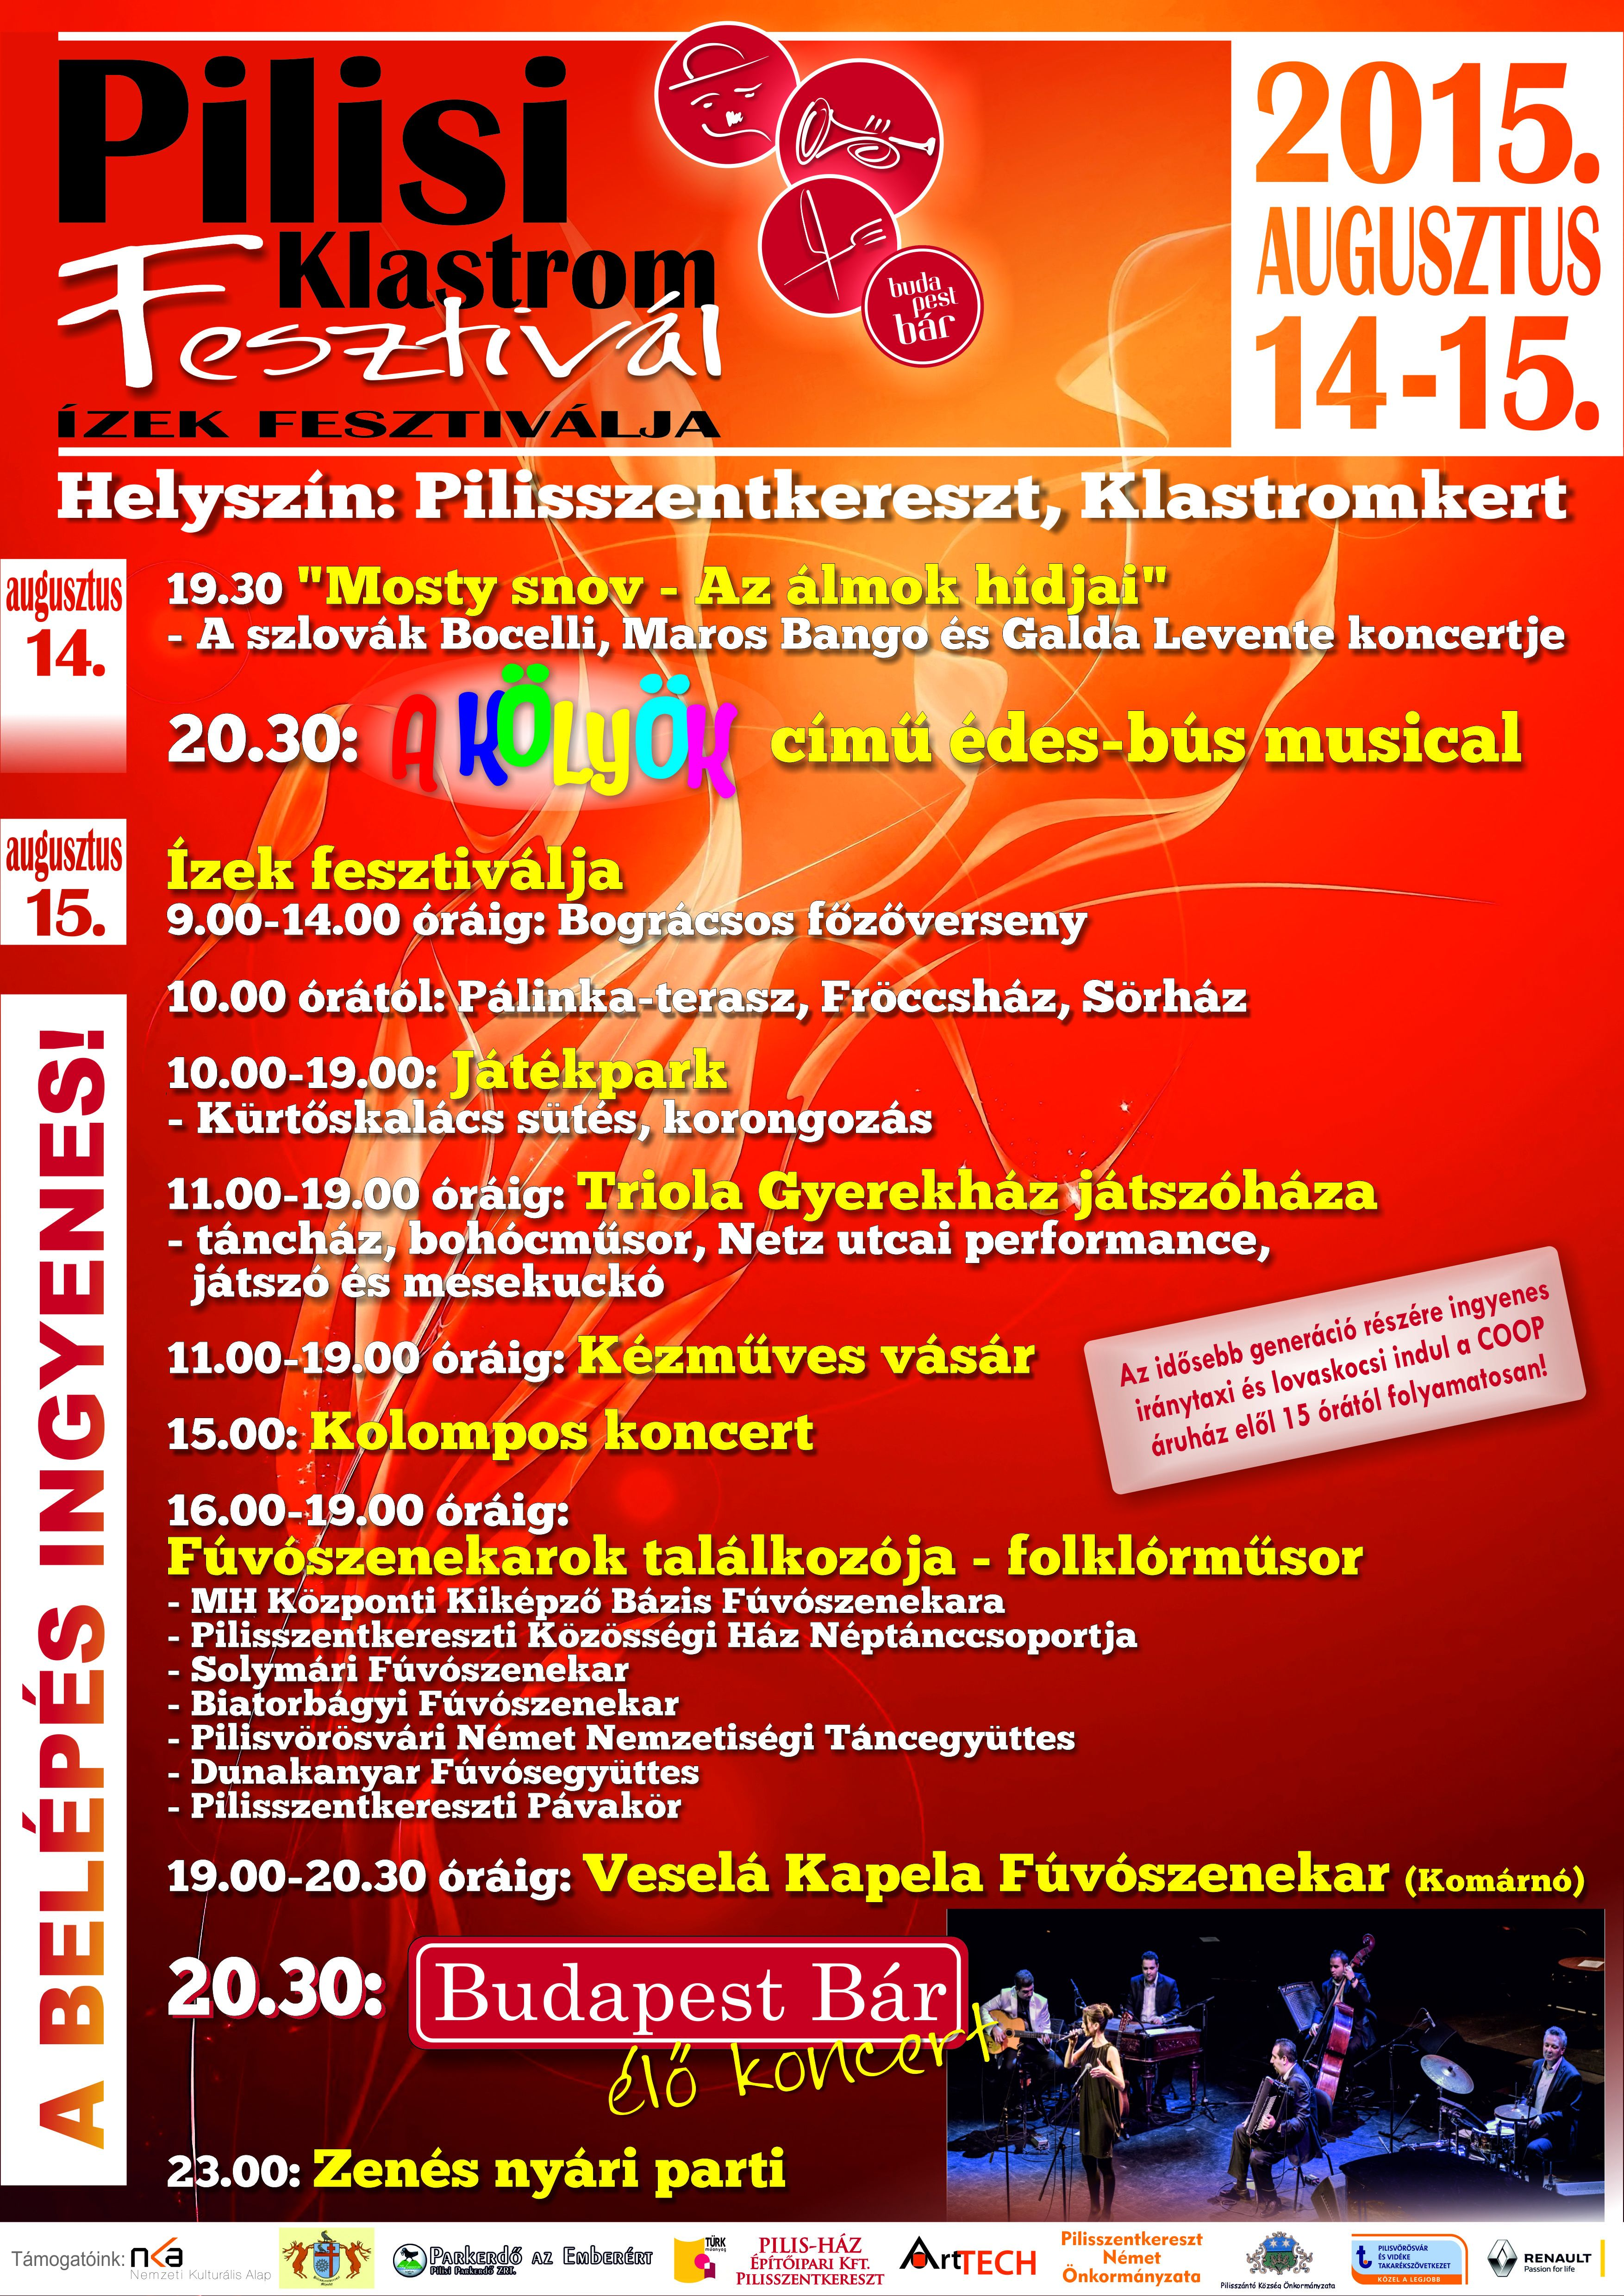 Klastrom fesztivál 2015